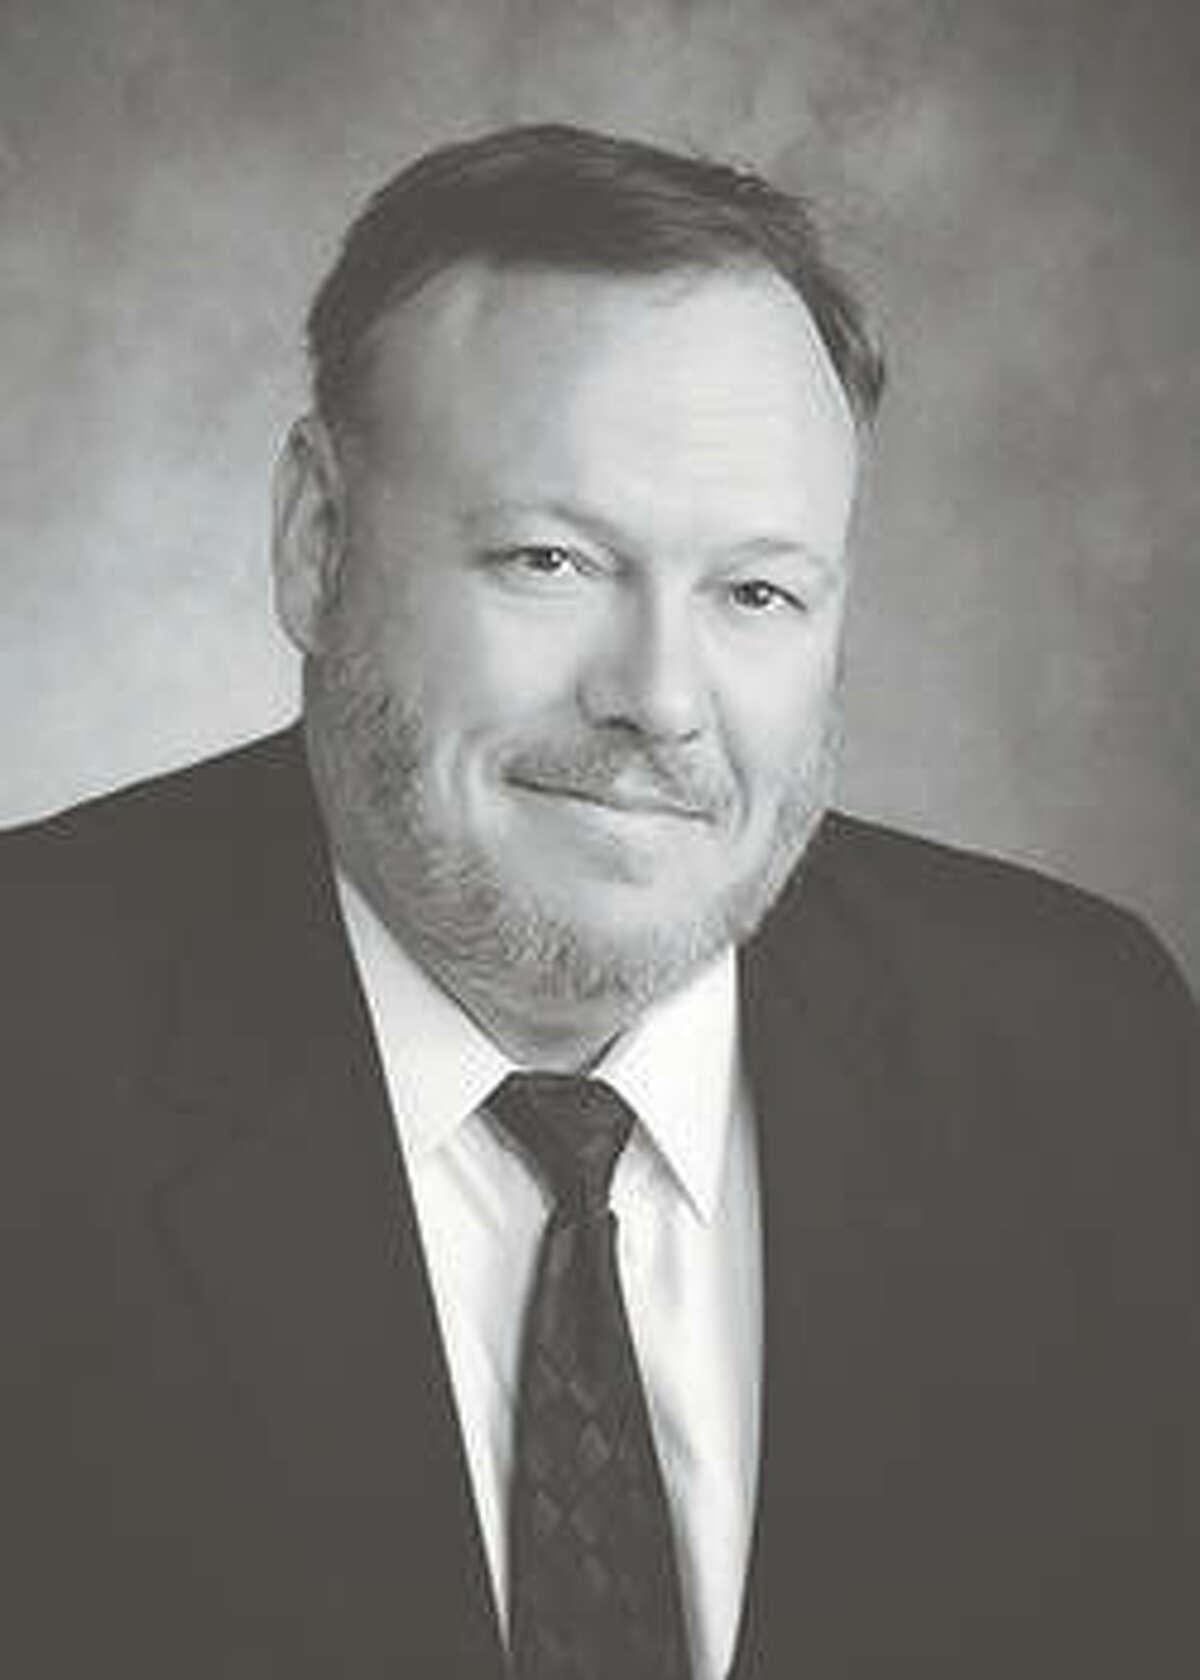 Michael L. Hill